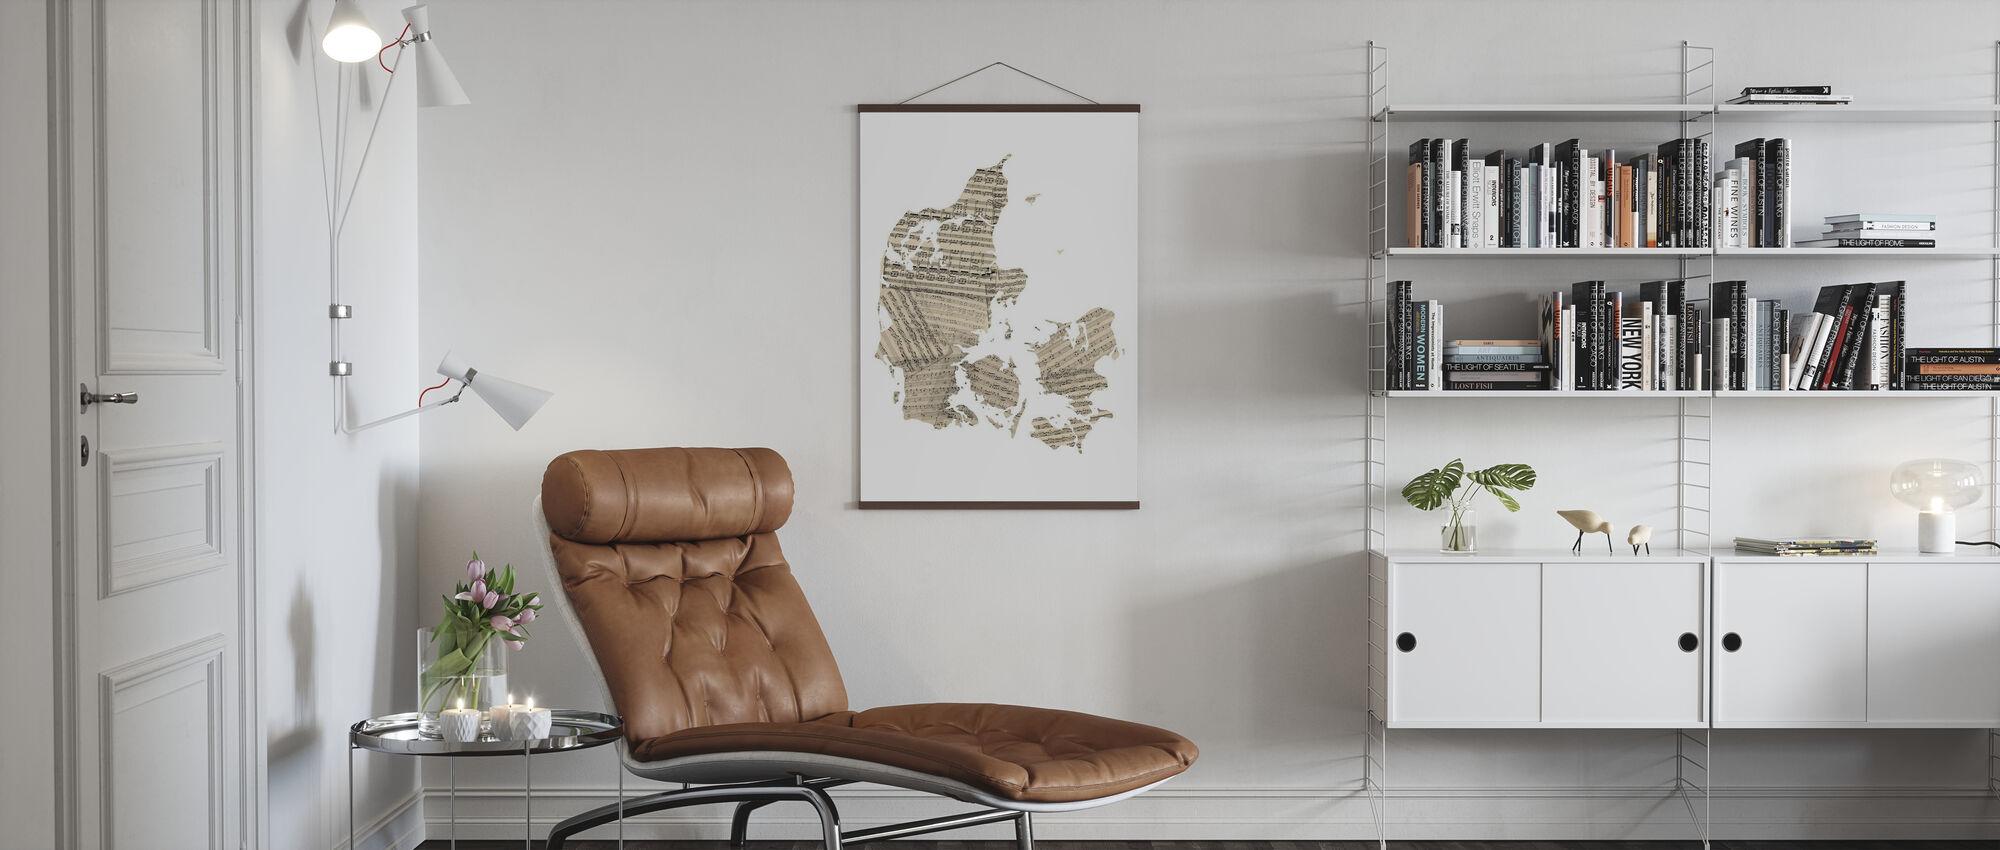 Denmark Old Music Sheet Map - Poster - Living Room